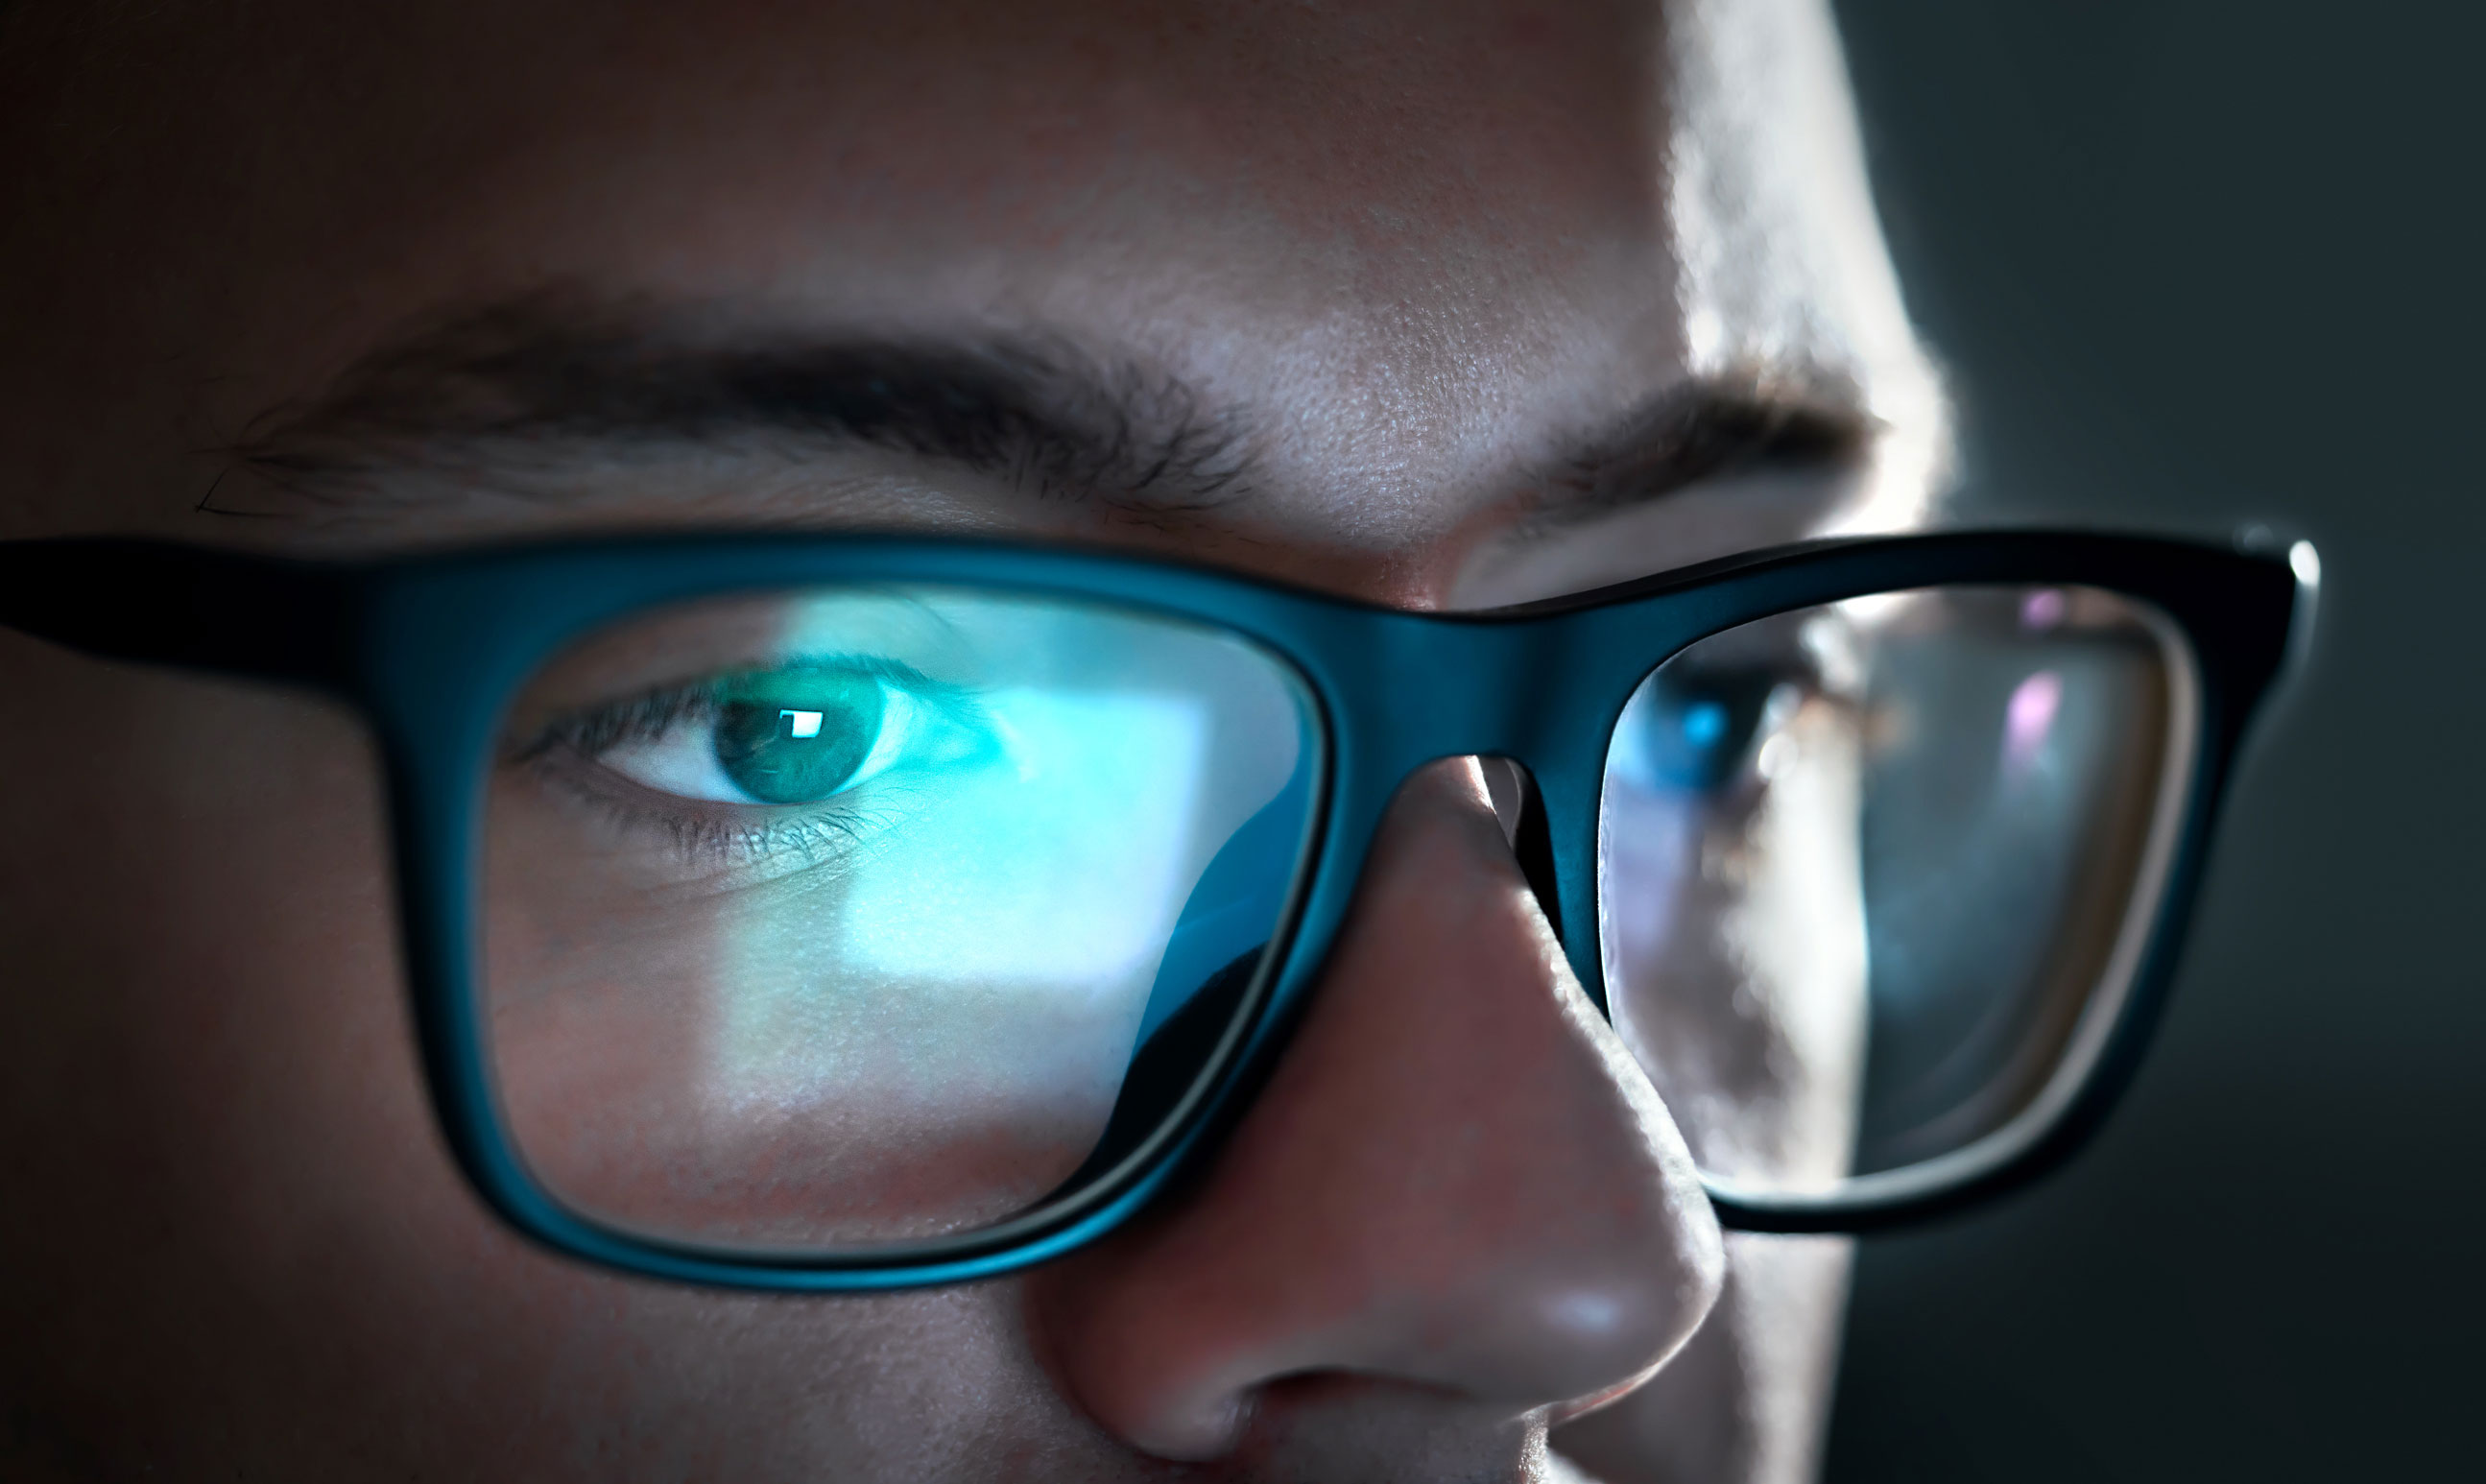 фото с отражением в очках с компа раскажем